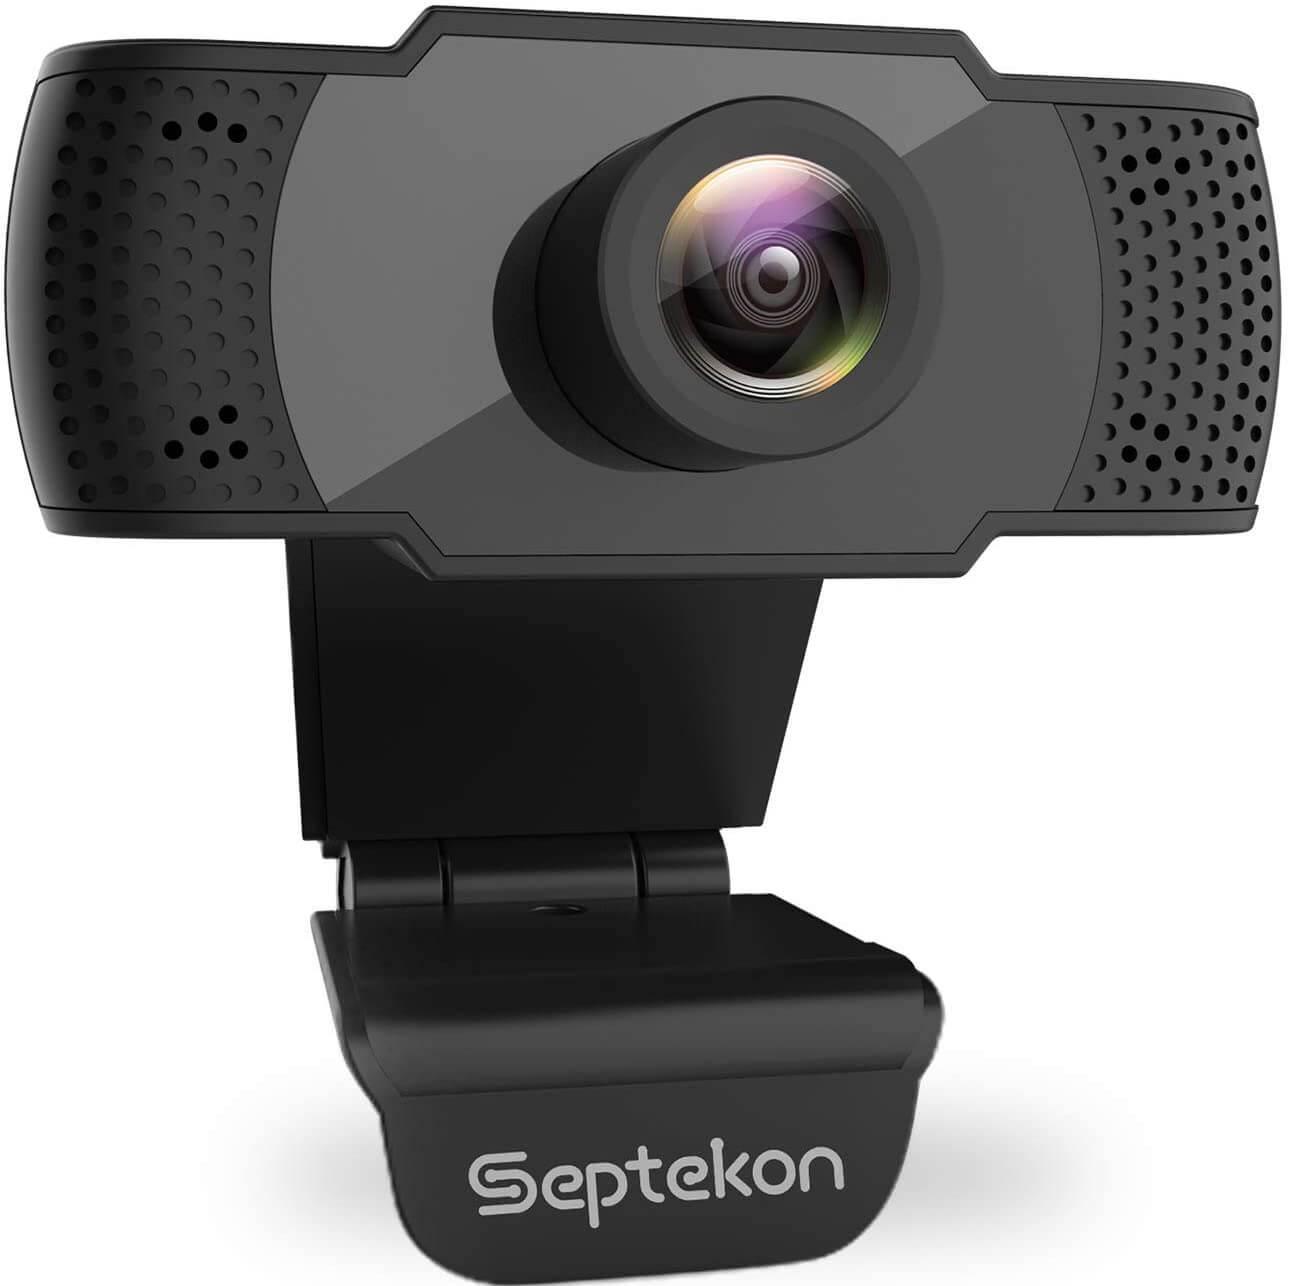 Septekon Webcam